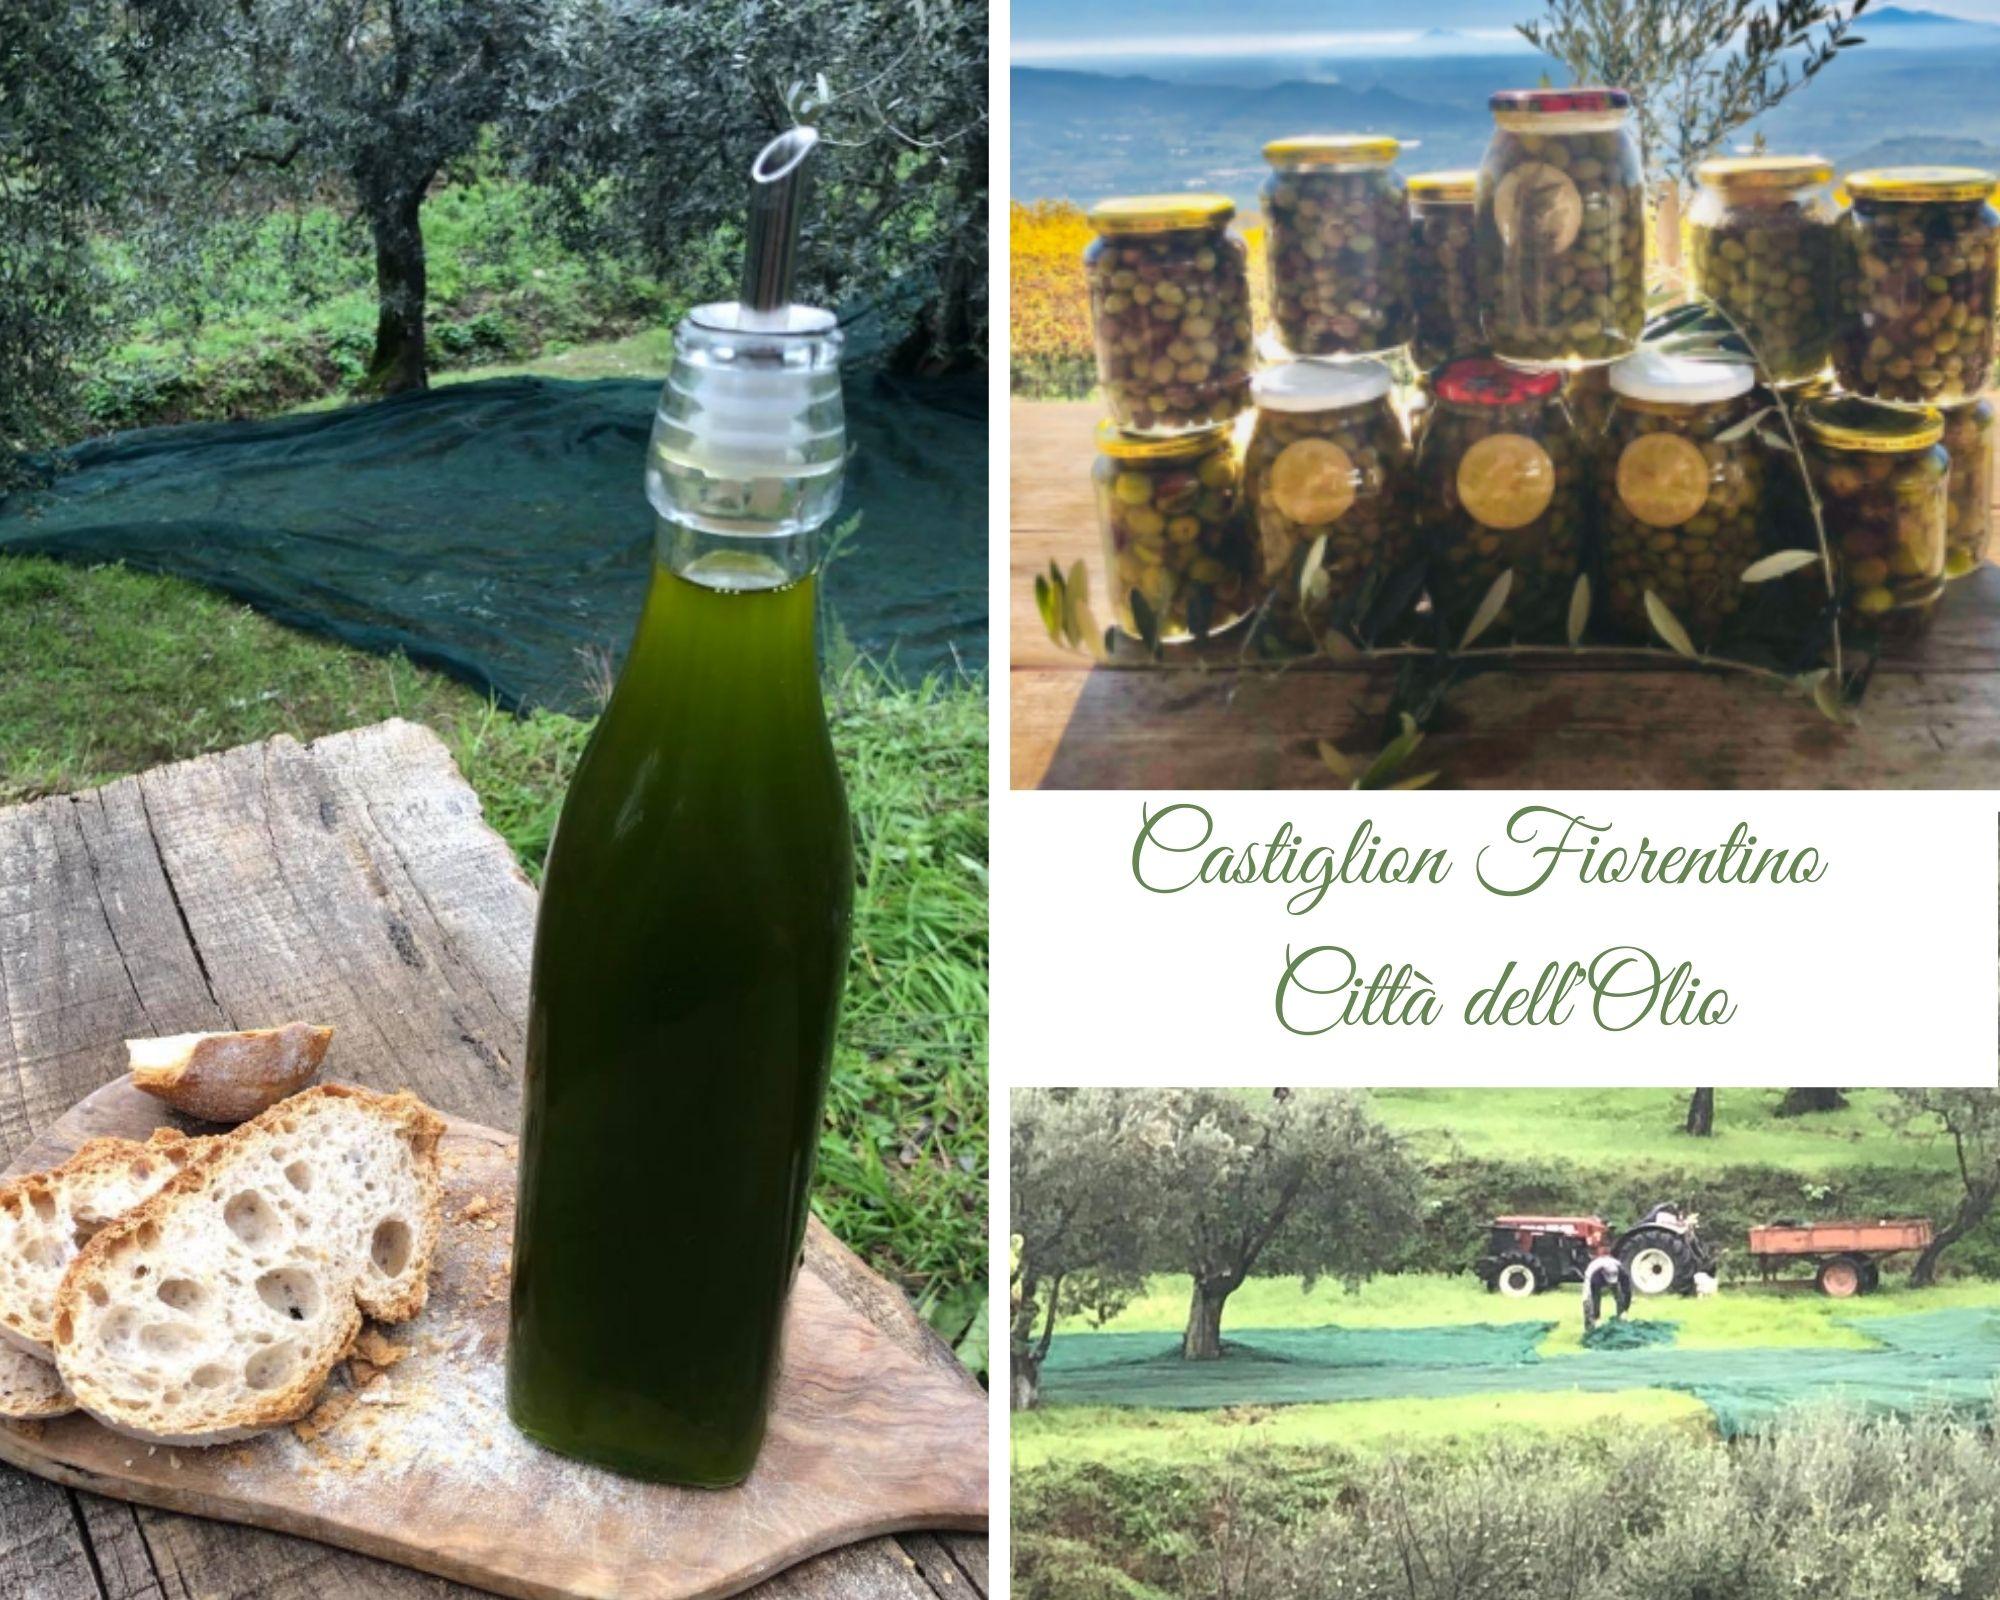 L'olio di oliva a Castiglion Fiorentino: fra tradizione e innovazione